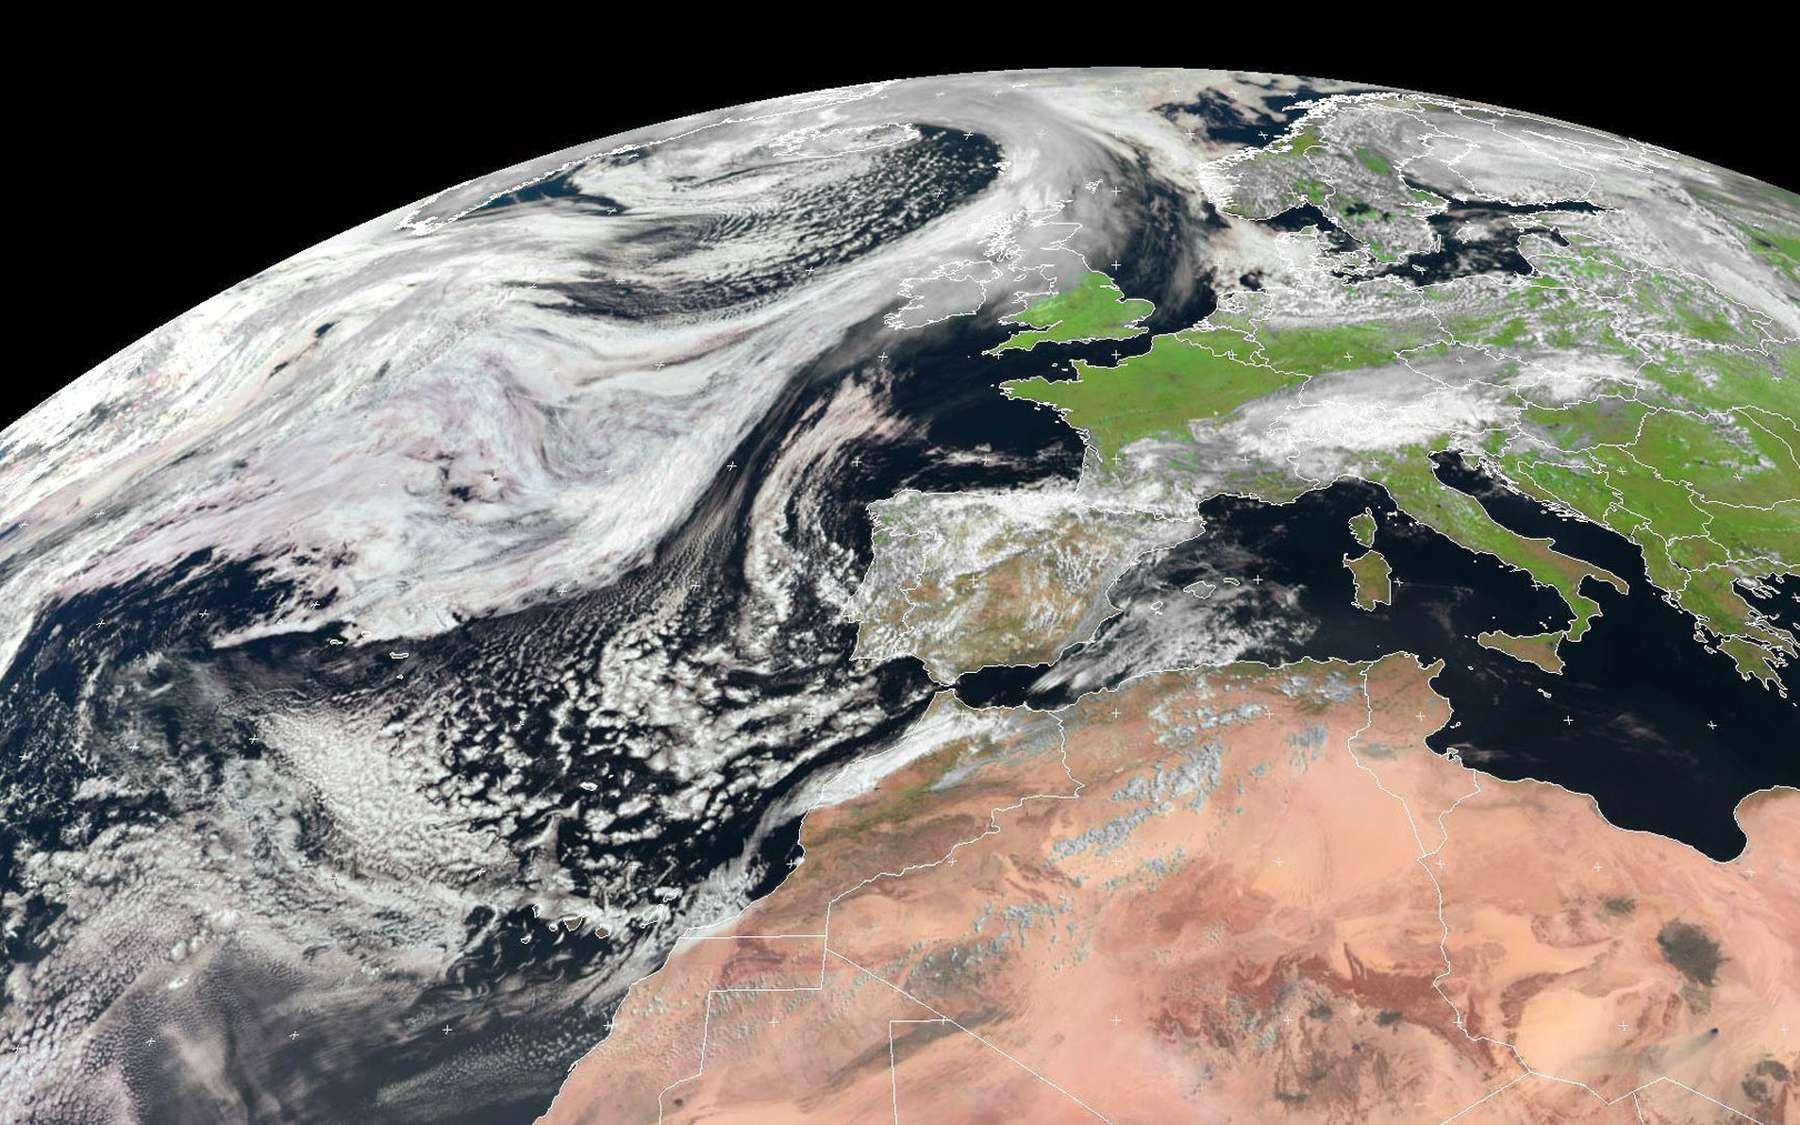 Quel climat fait-il sur Terre ? Le programme Copernicus devrait bientôt répondre à cette question grâce au service C3S. © Eumetsat (2014)